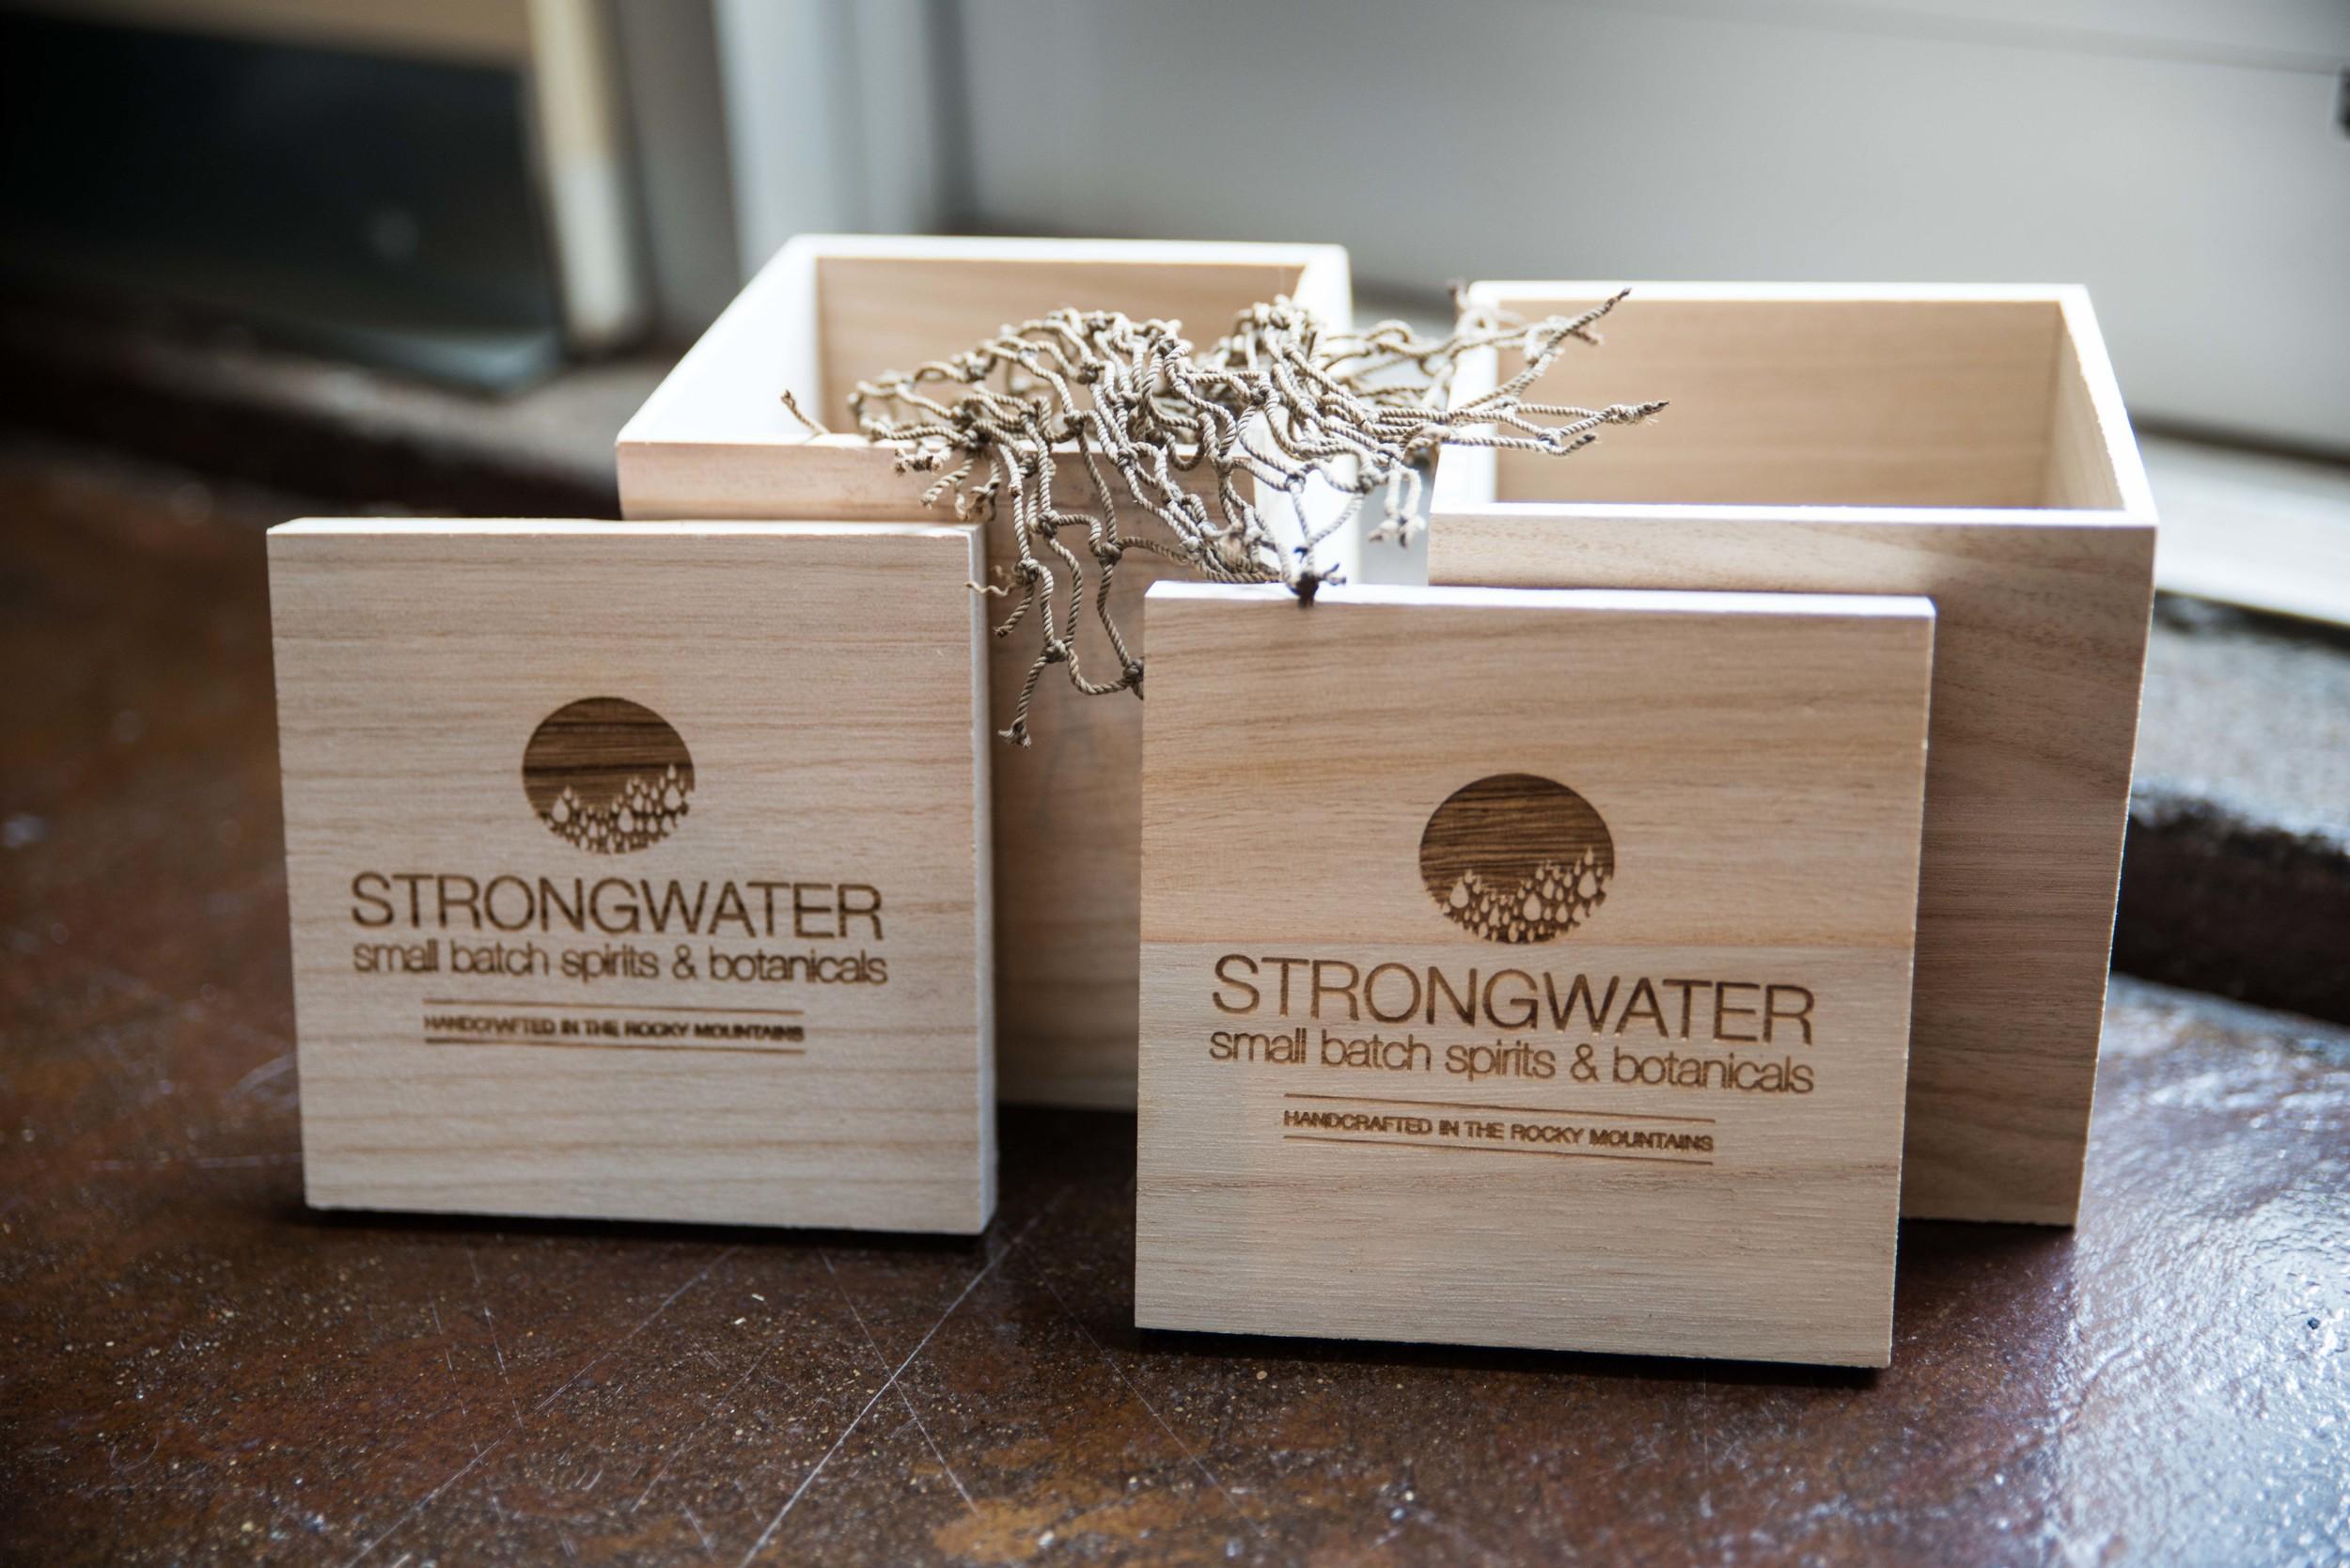 Strongwater websize-10.jpg